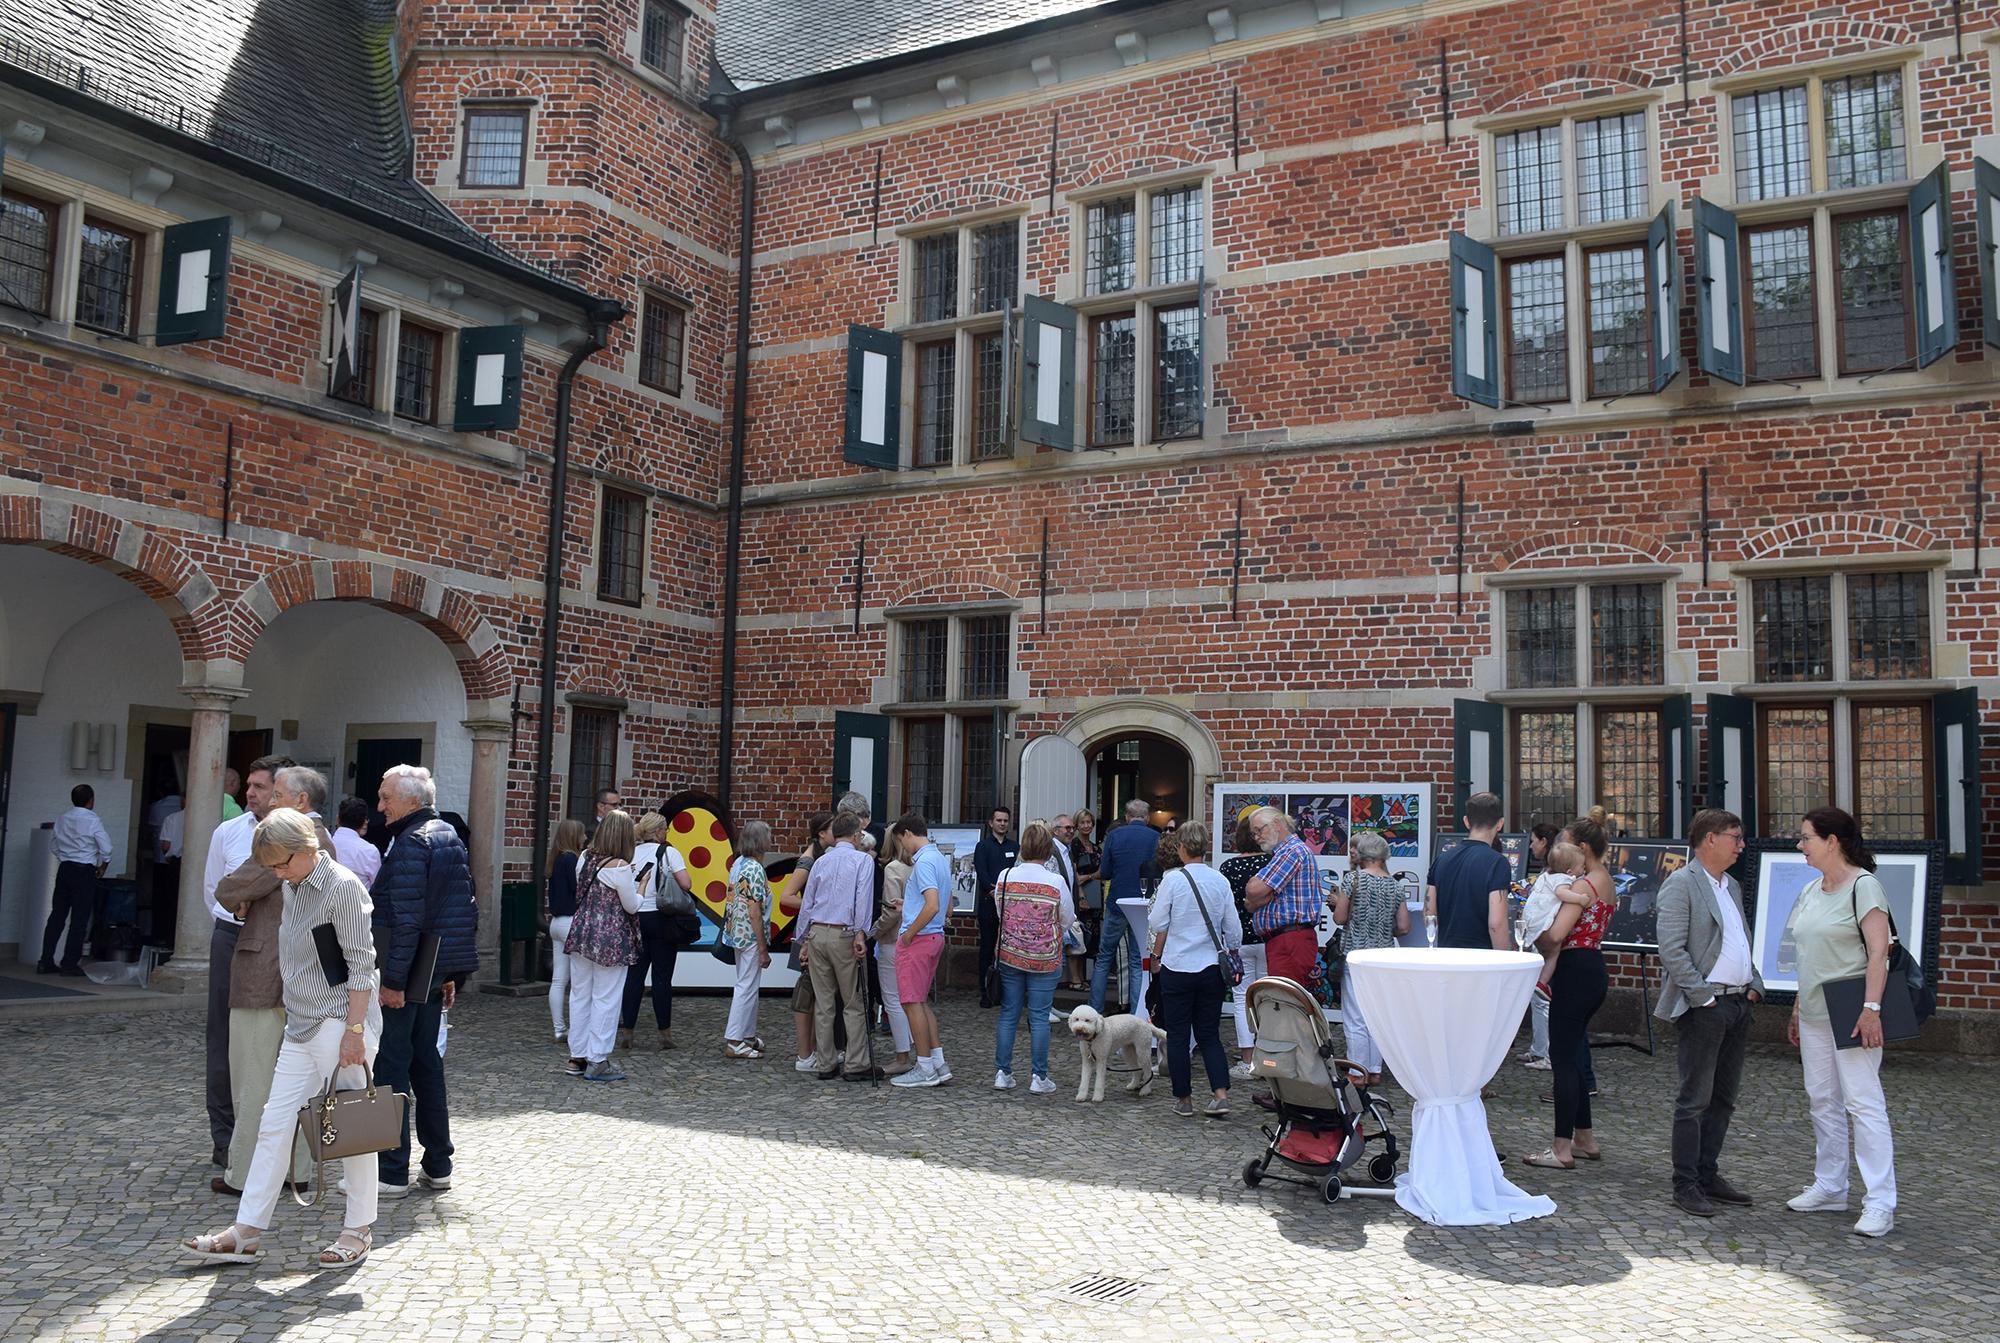 Britto-Ausstellung im Schloß Reinbek